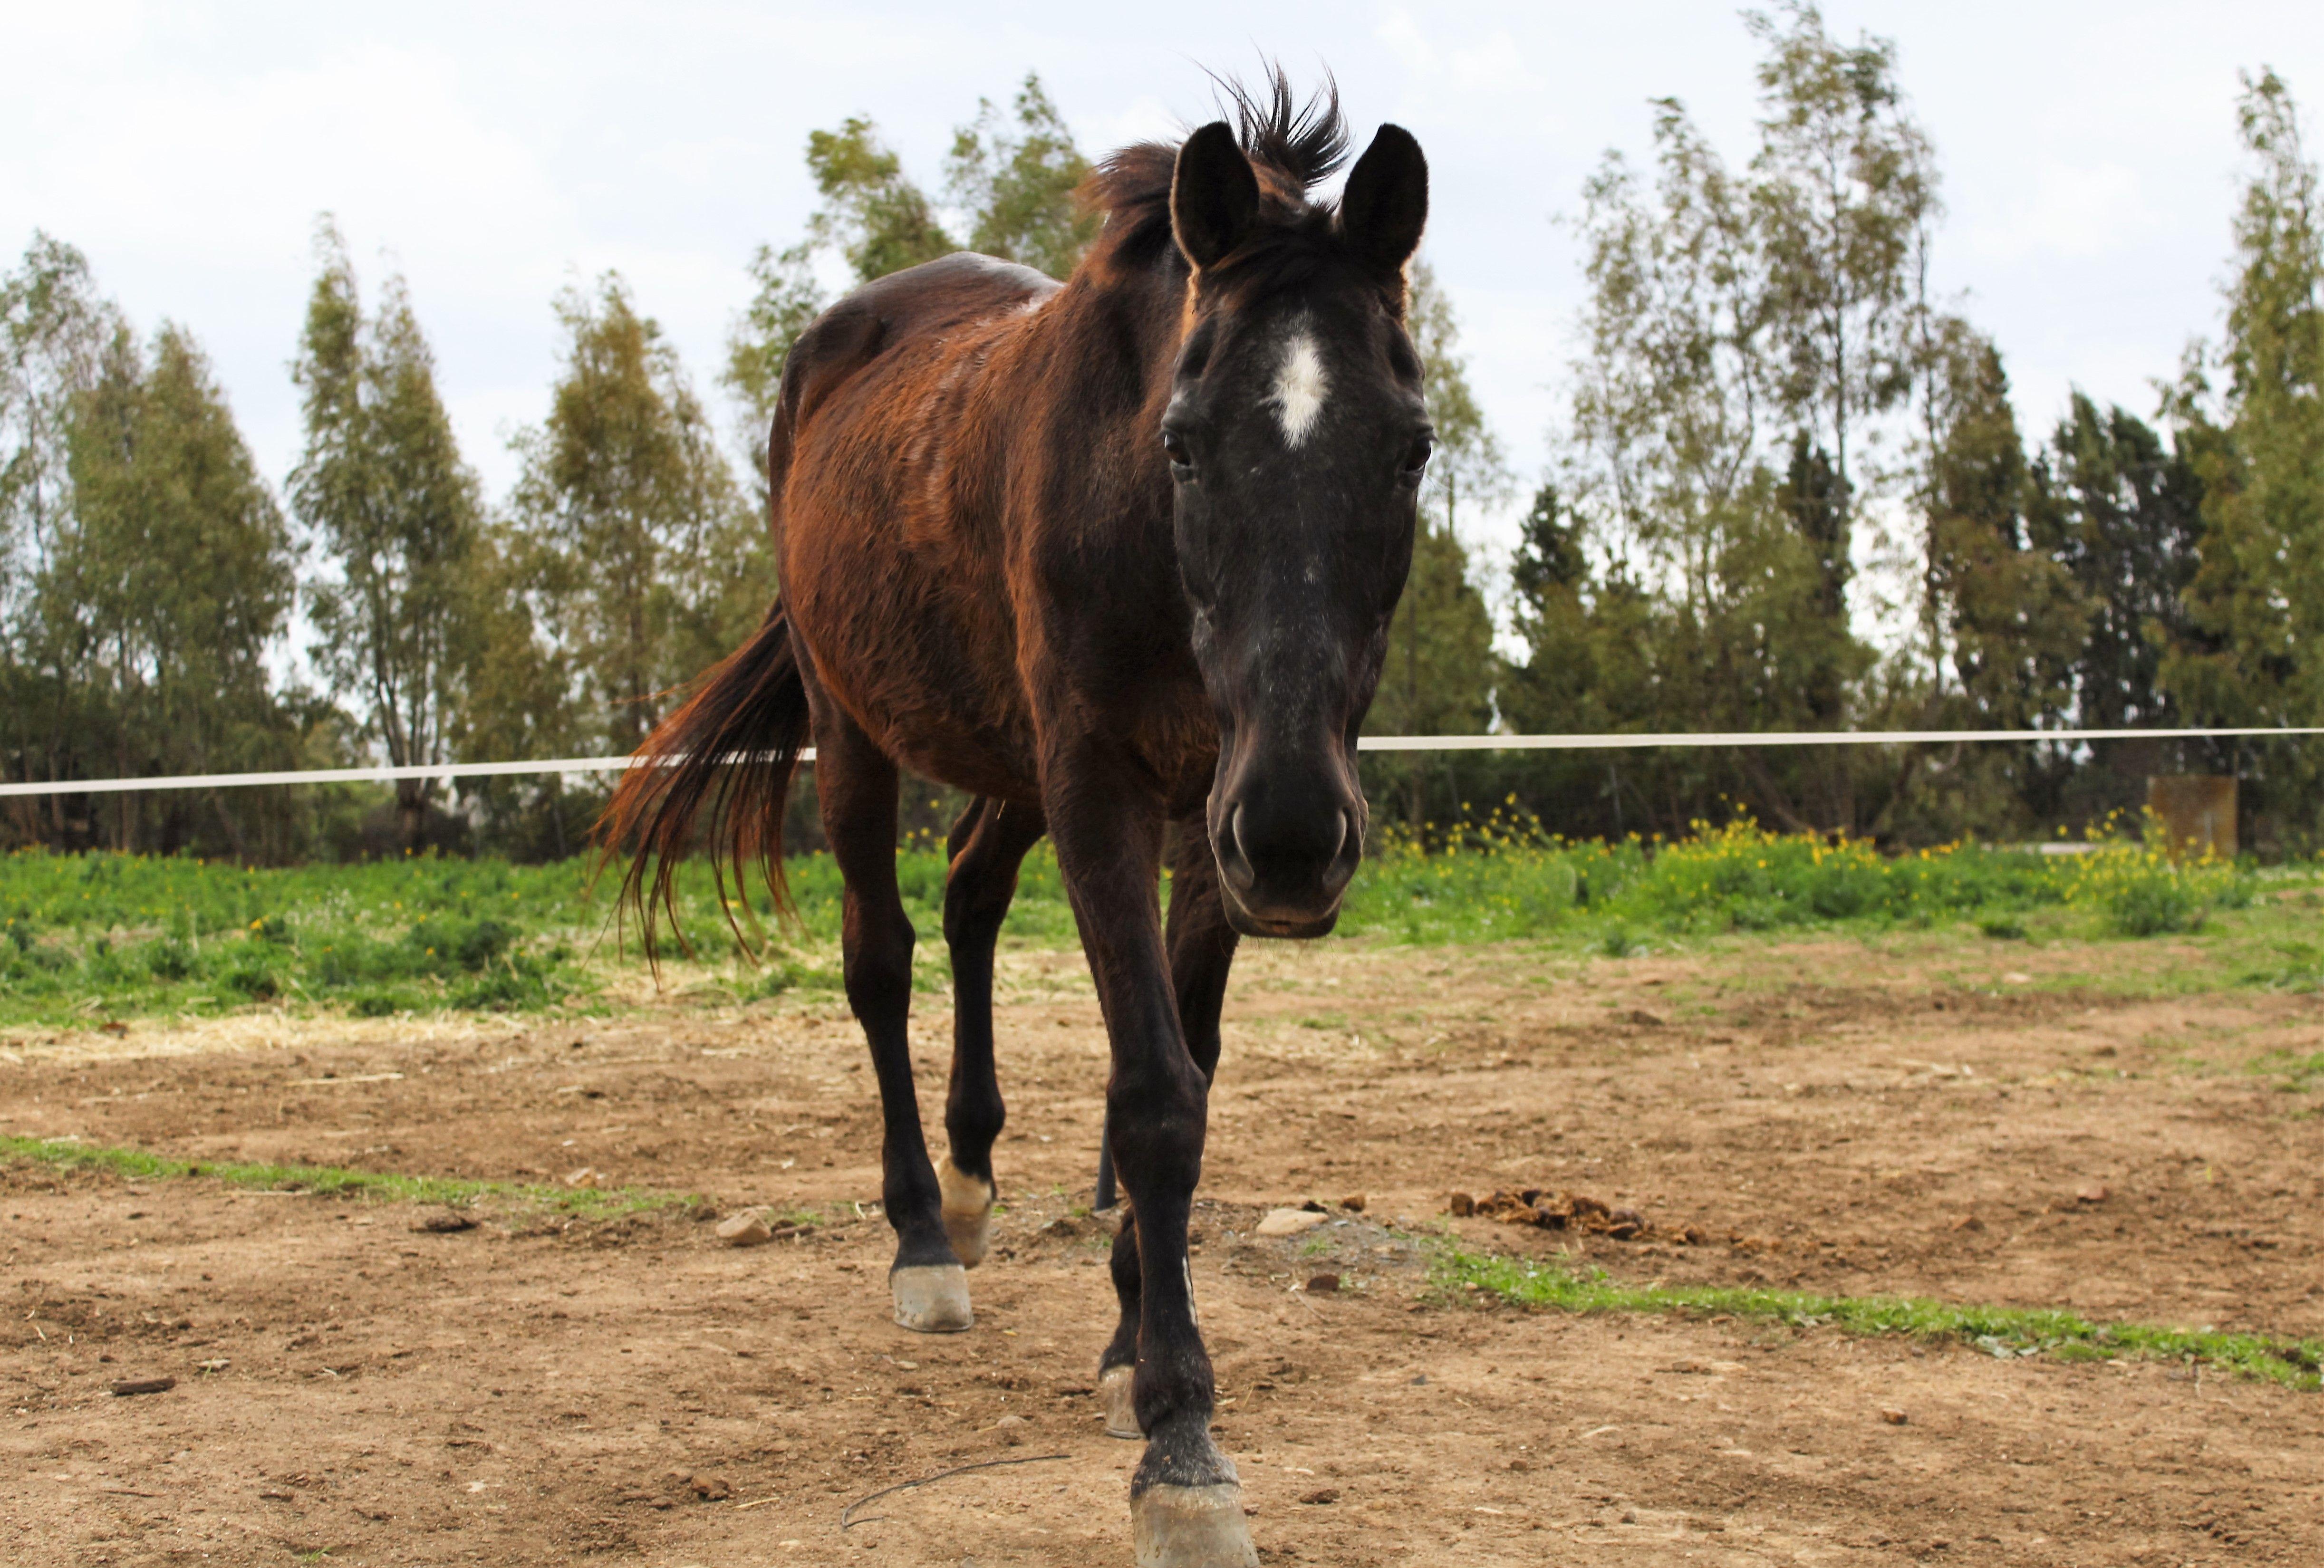 URTULA - la più anziana del gruppo, bravissima con i cavalieri non molto esperti.